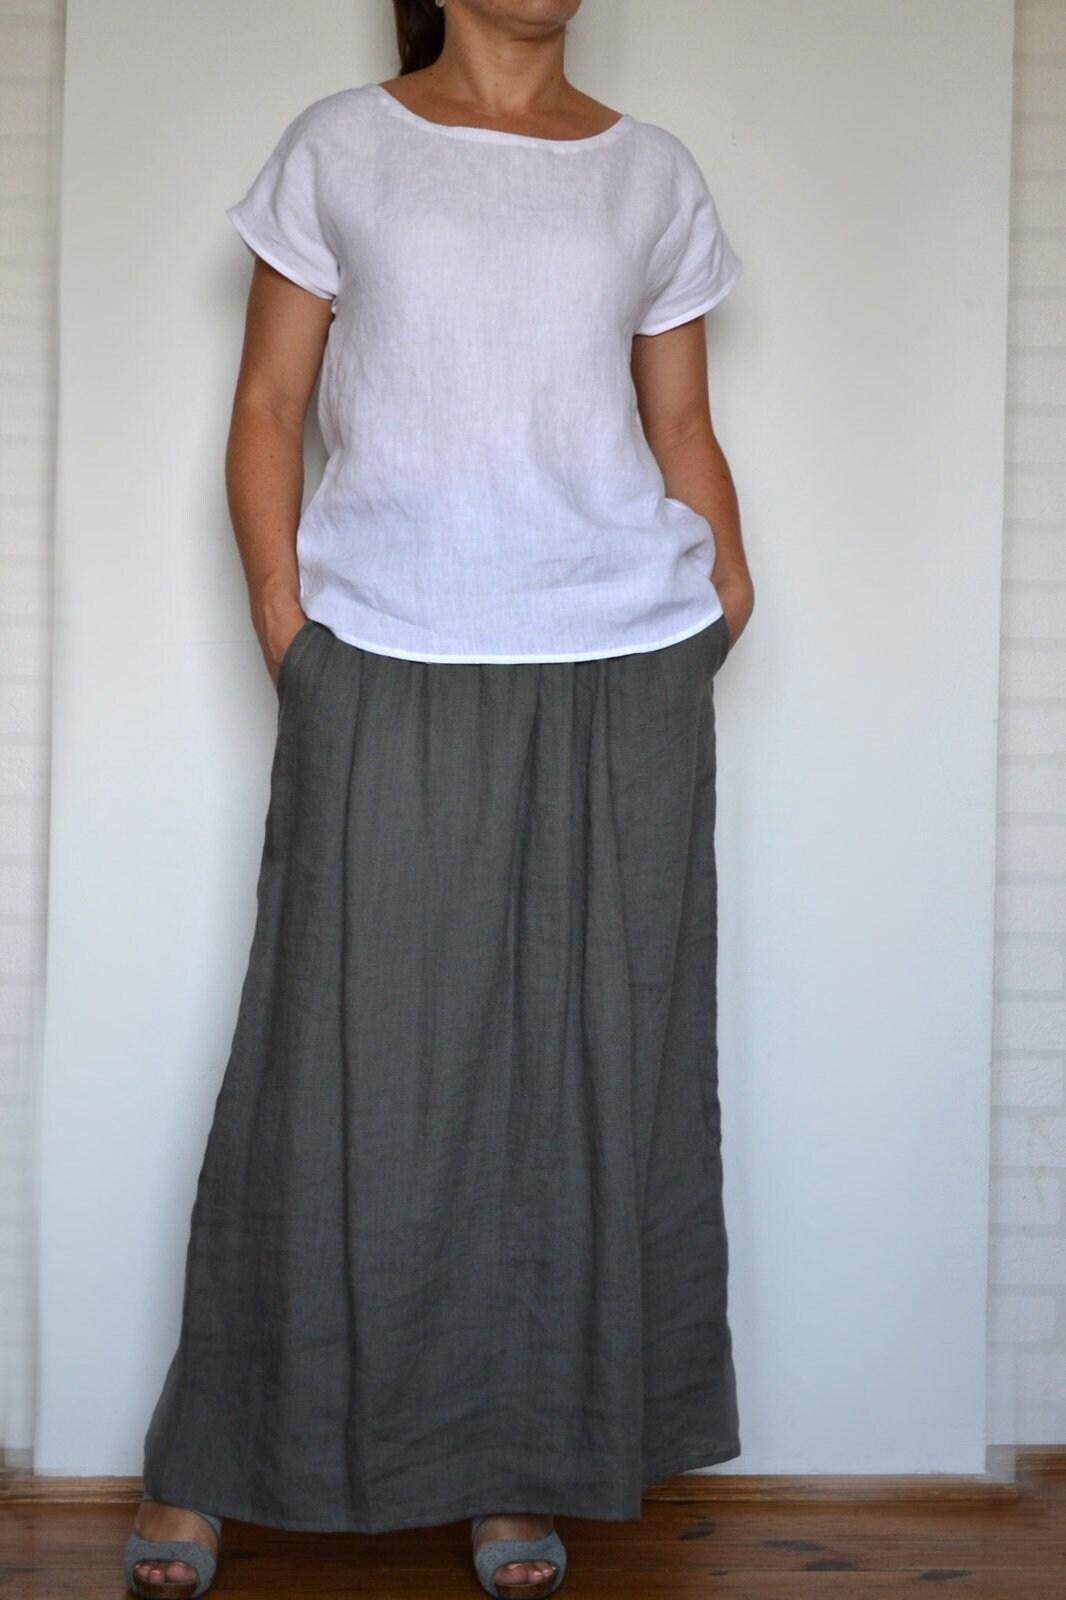 ba1609e0dd5f2 Linen top linen blouse linen shirt women summer tops top